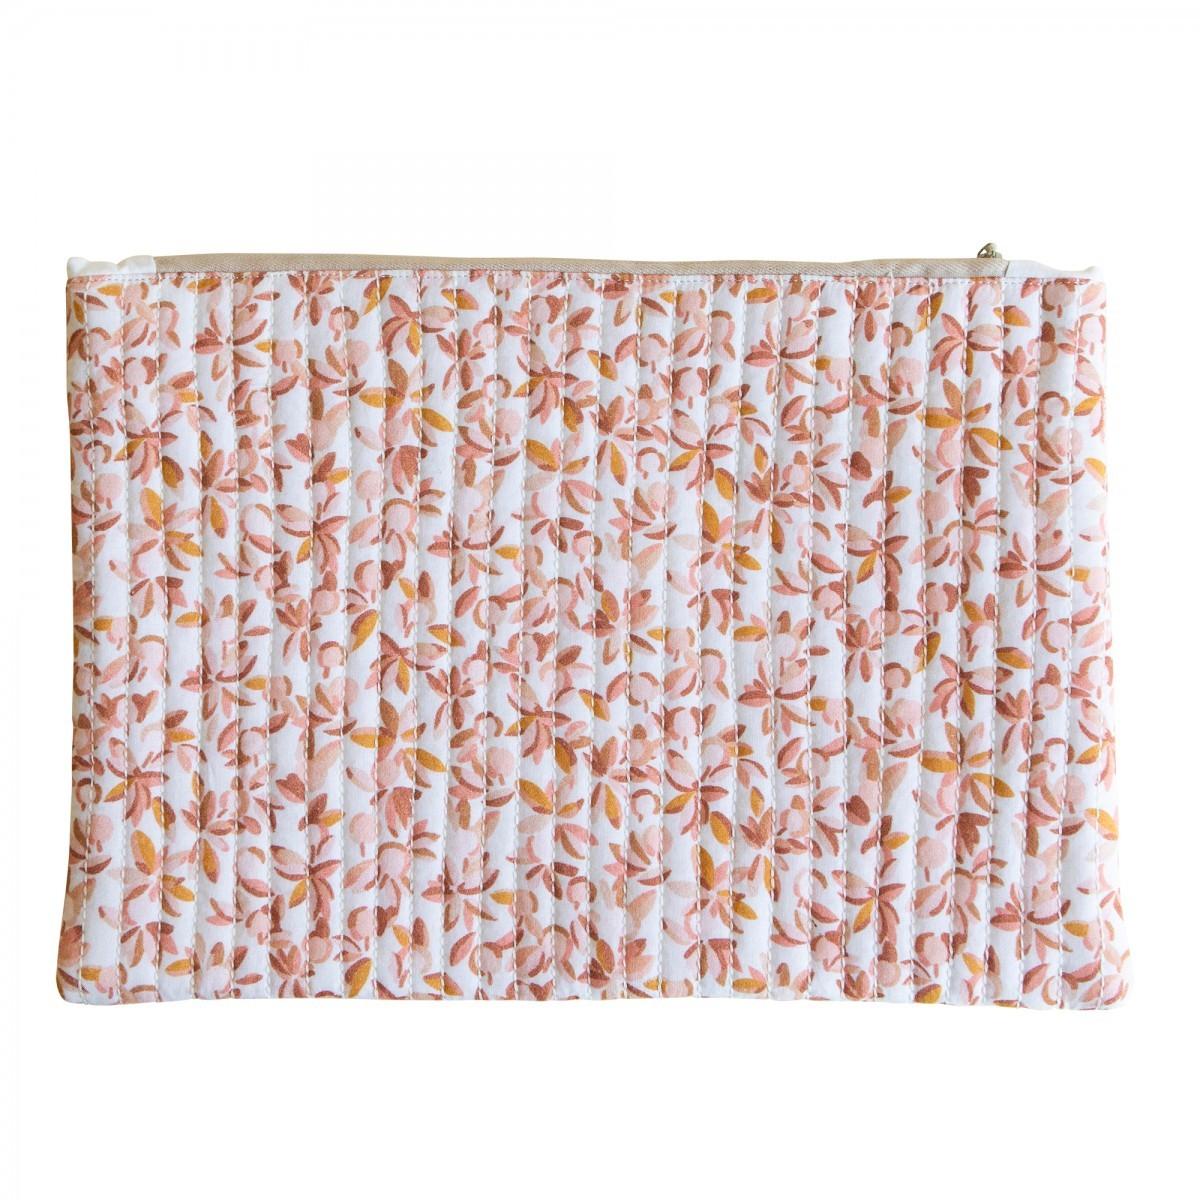 Grande pochette en coton imprimé feuilles rose